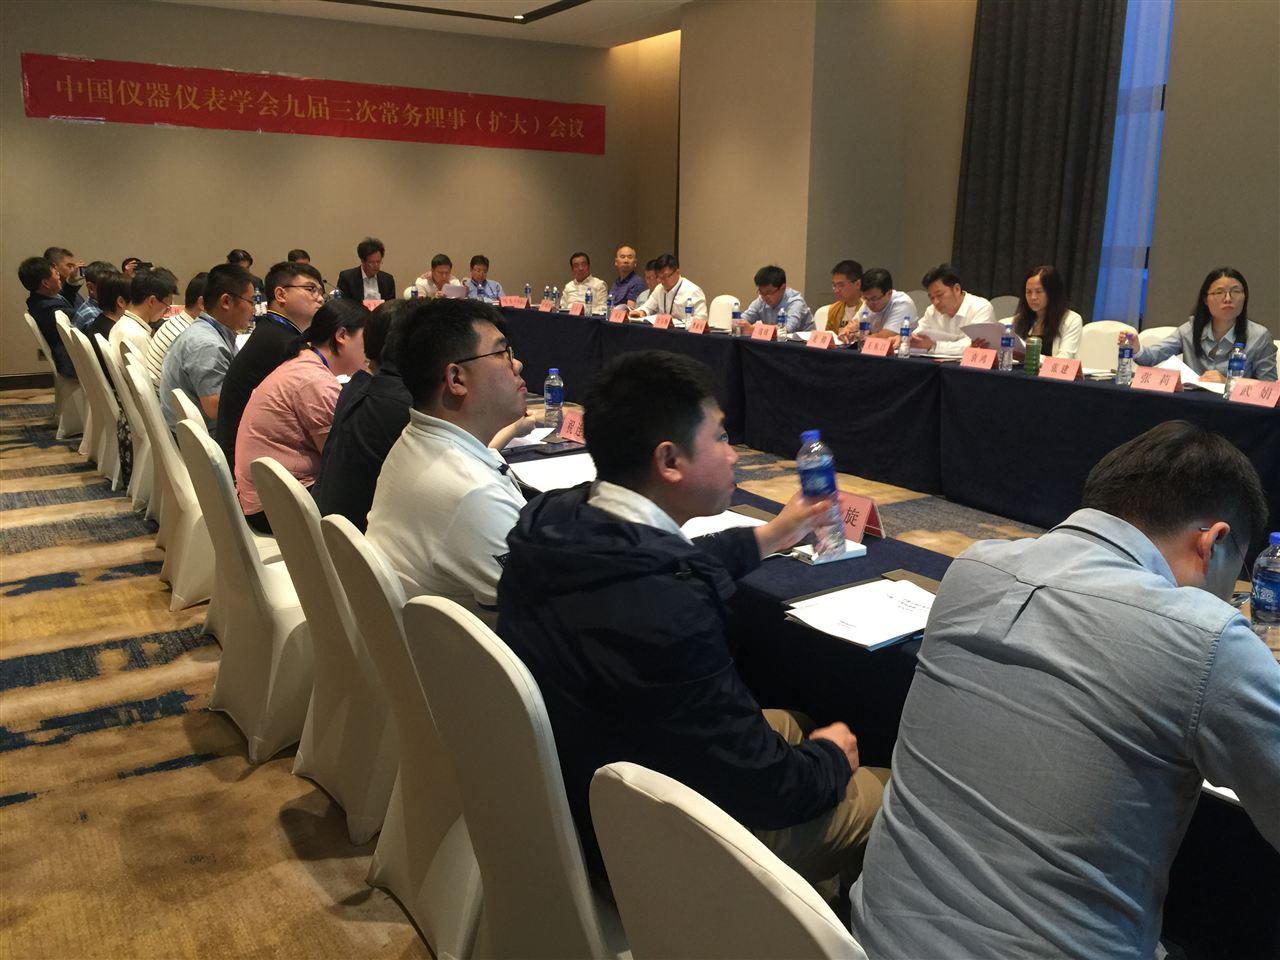 中国仪器亚博学会九届三次常务理事(扩大)会会议纪要